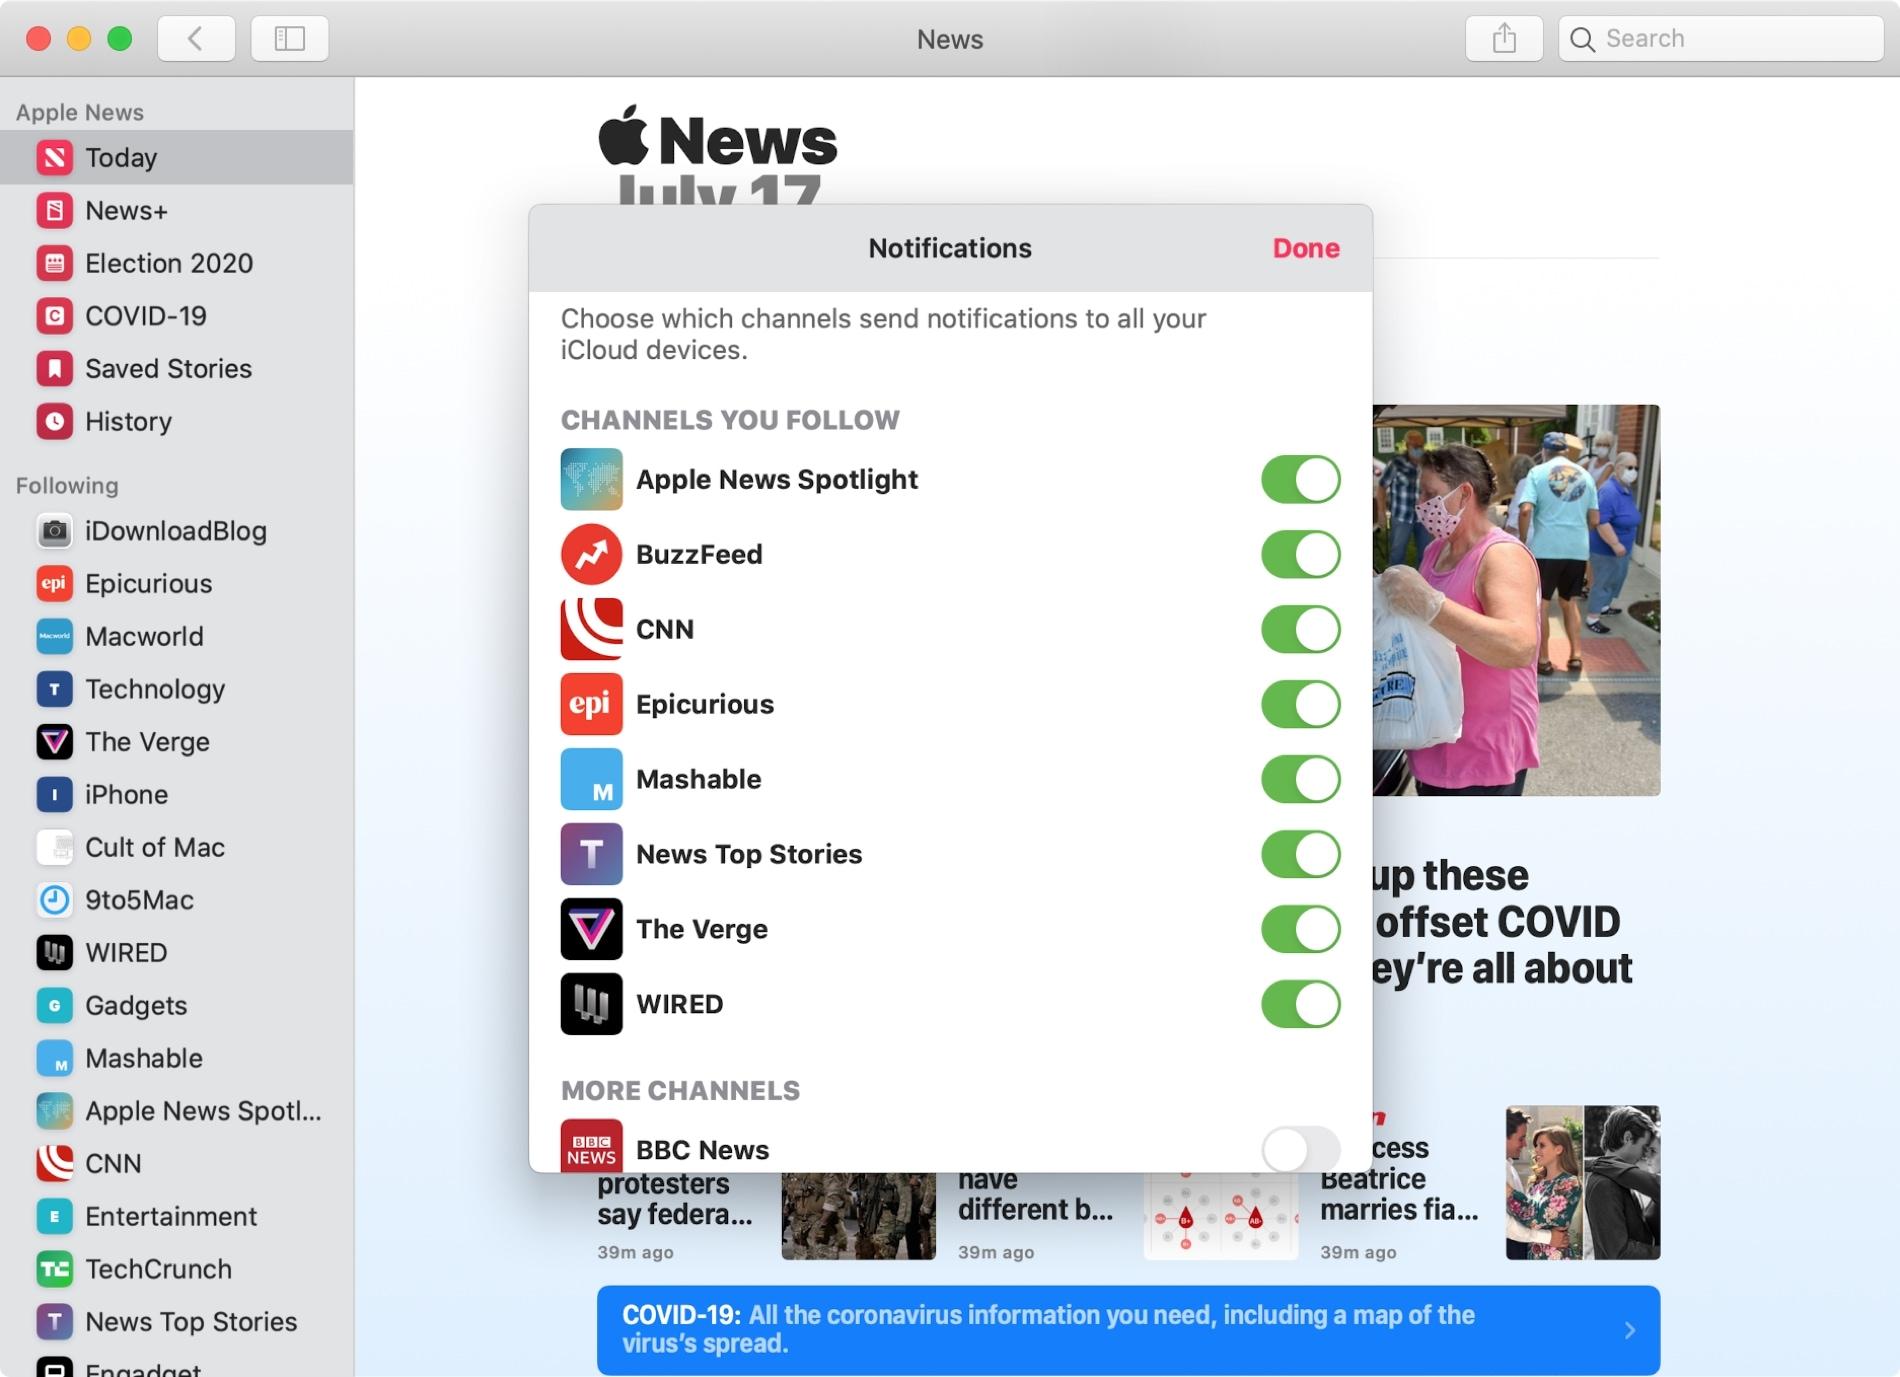 News App Mac Notifications